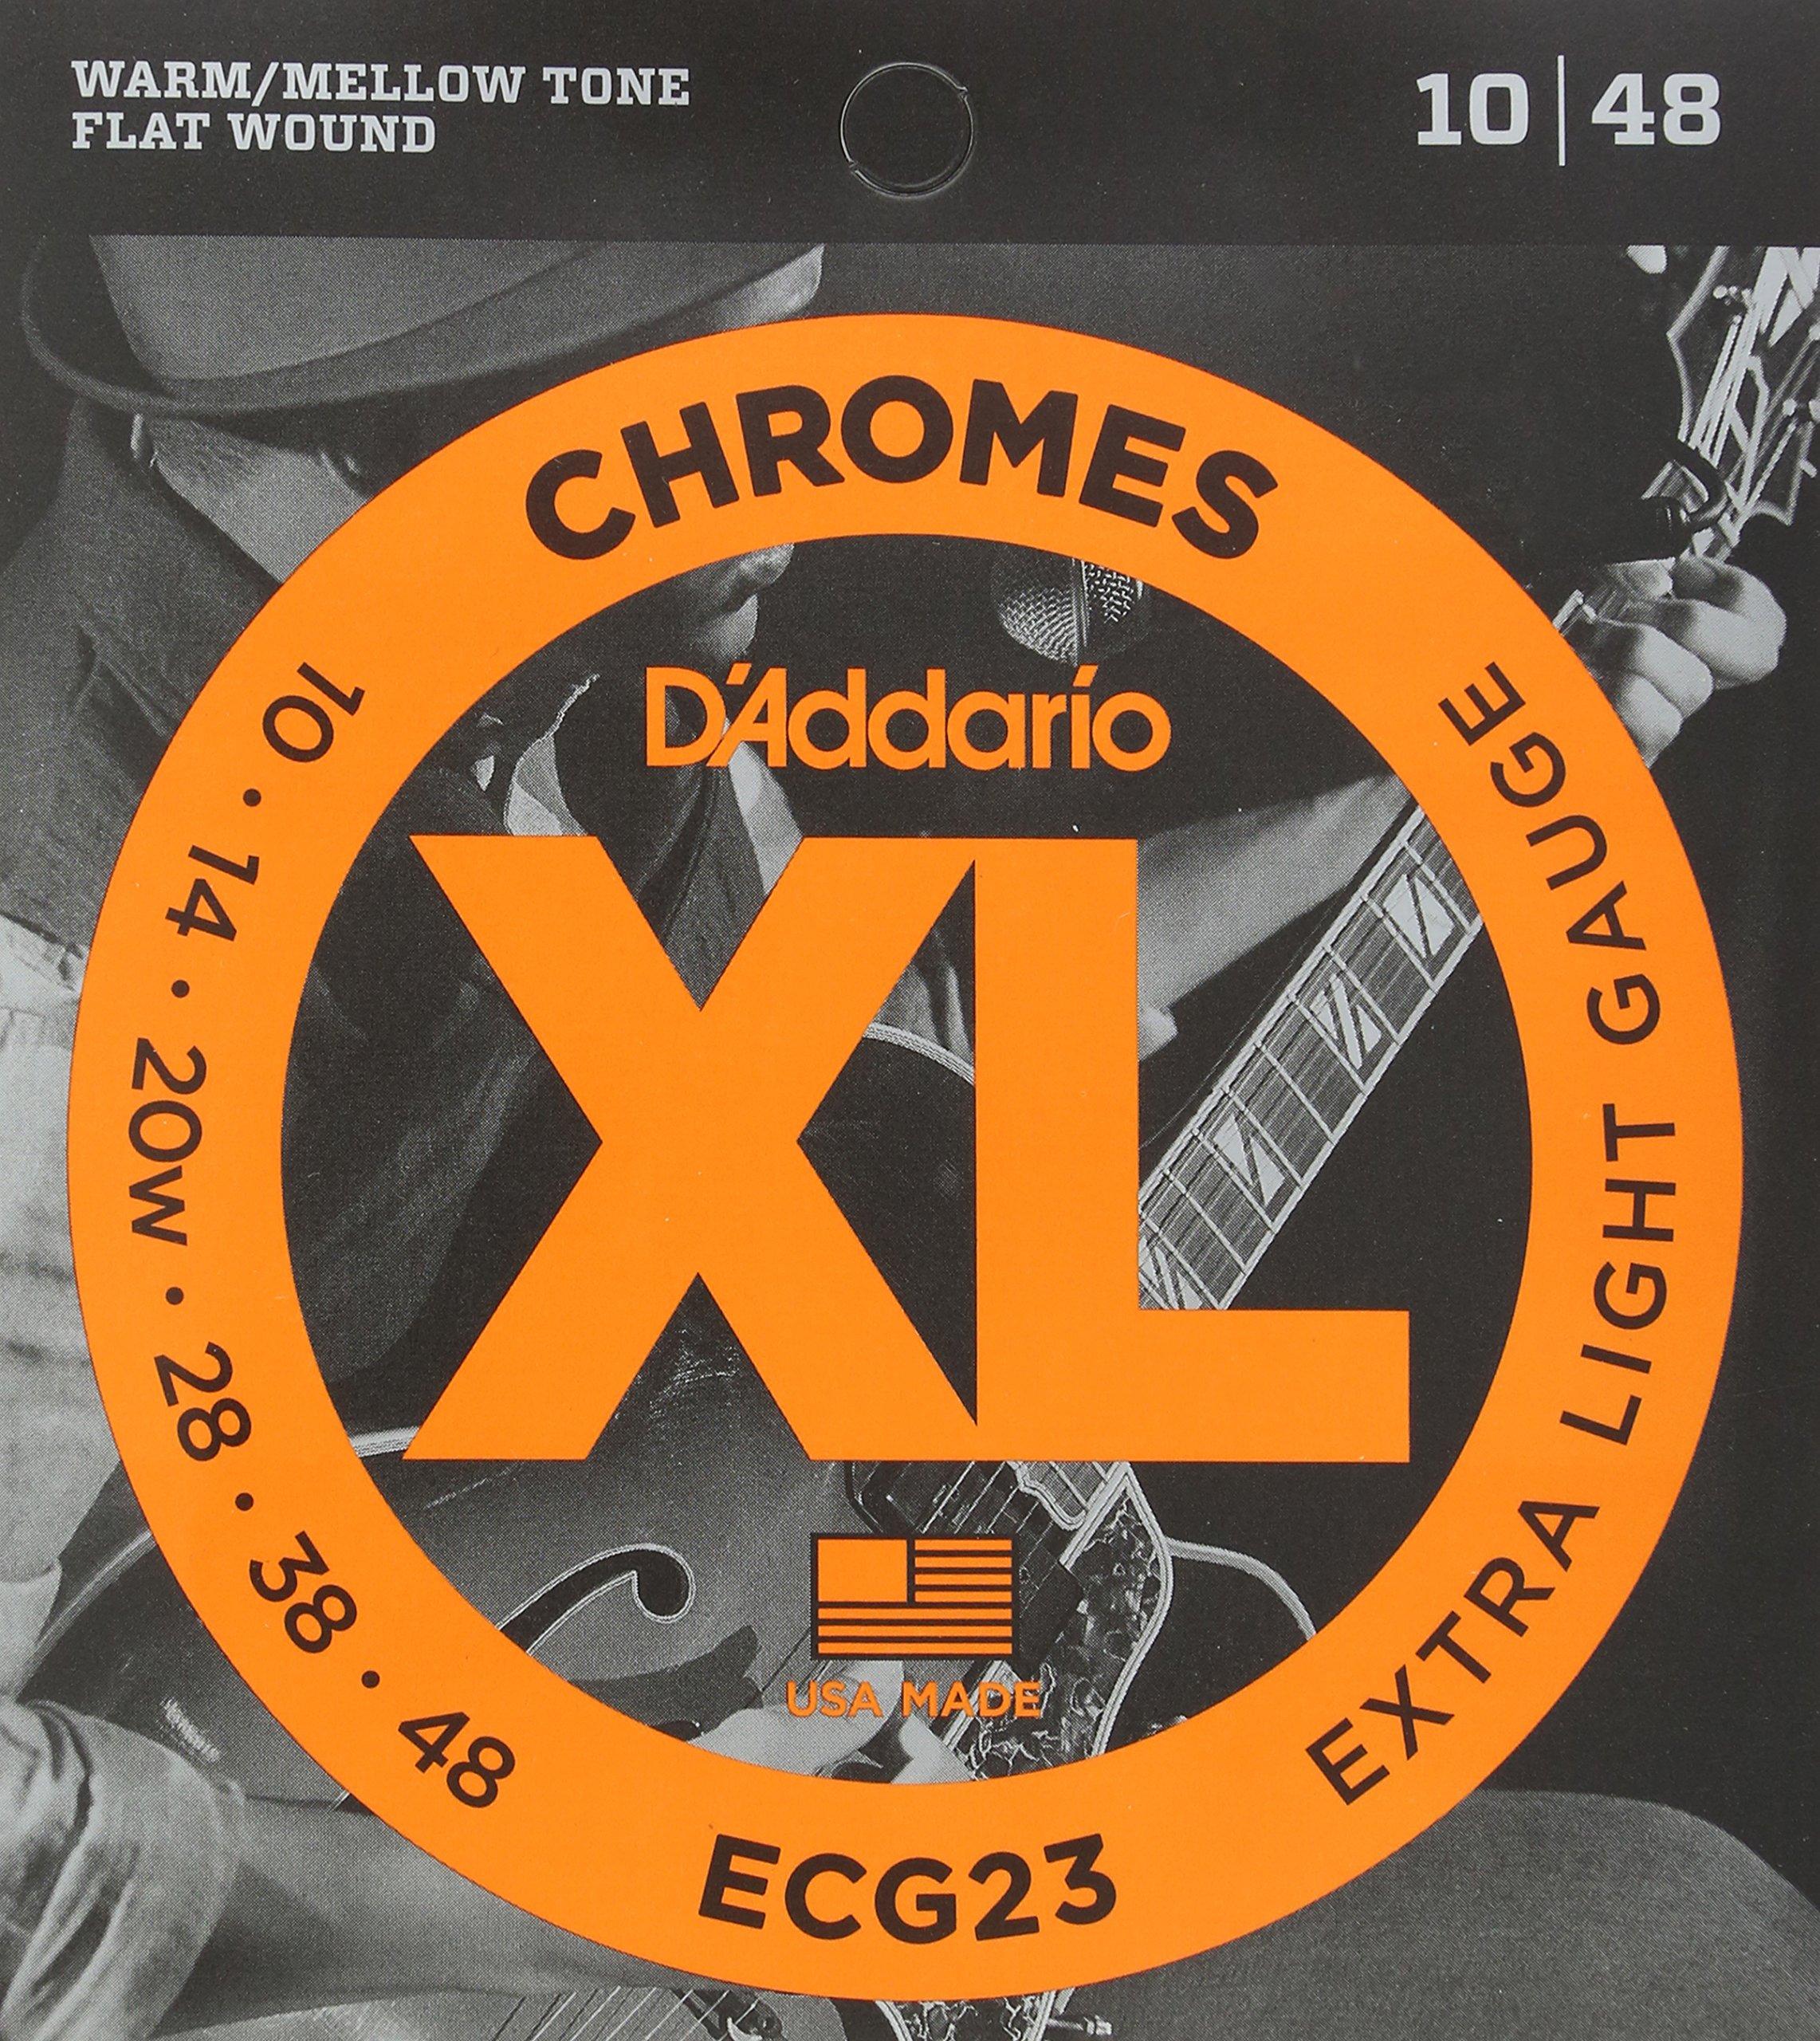 DAddario ECG23 Juego de Cuerdas para Guitarra Eléctrica, Plateado product image